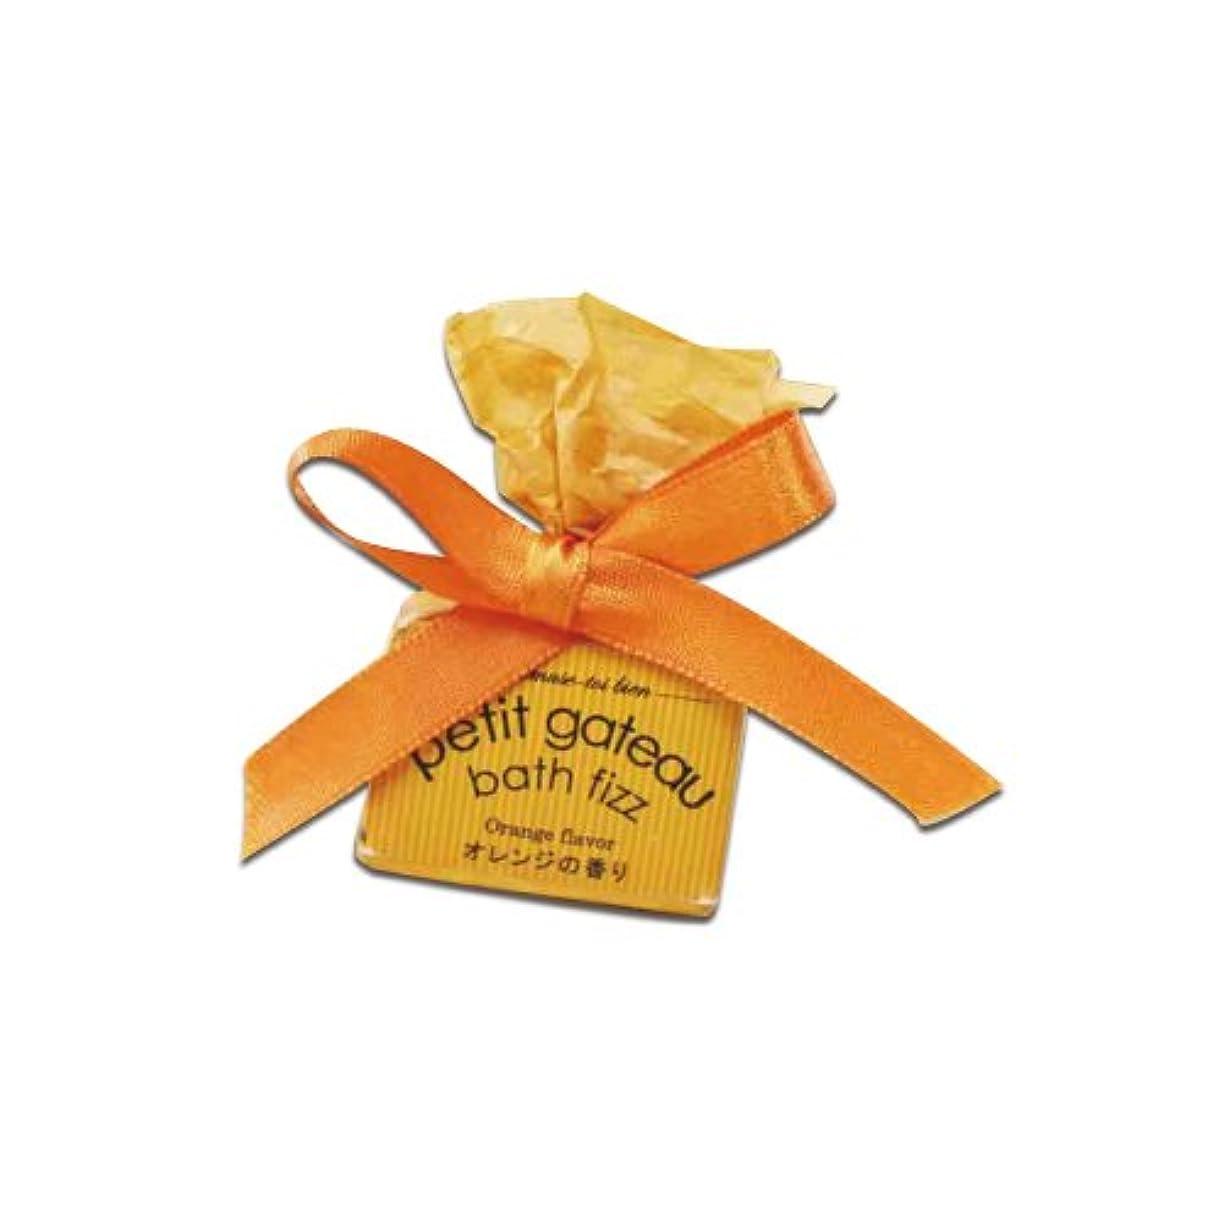 コンパス地下鉄ハブブプチガトーバスフィザー オレンジの香り 12個セット